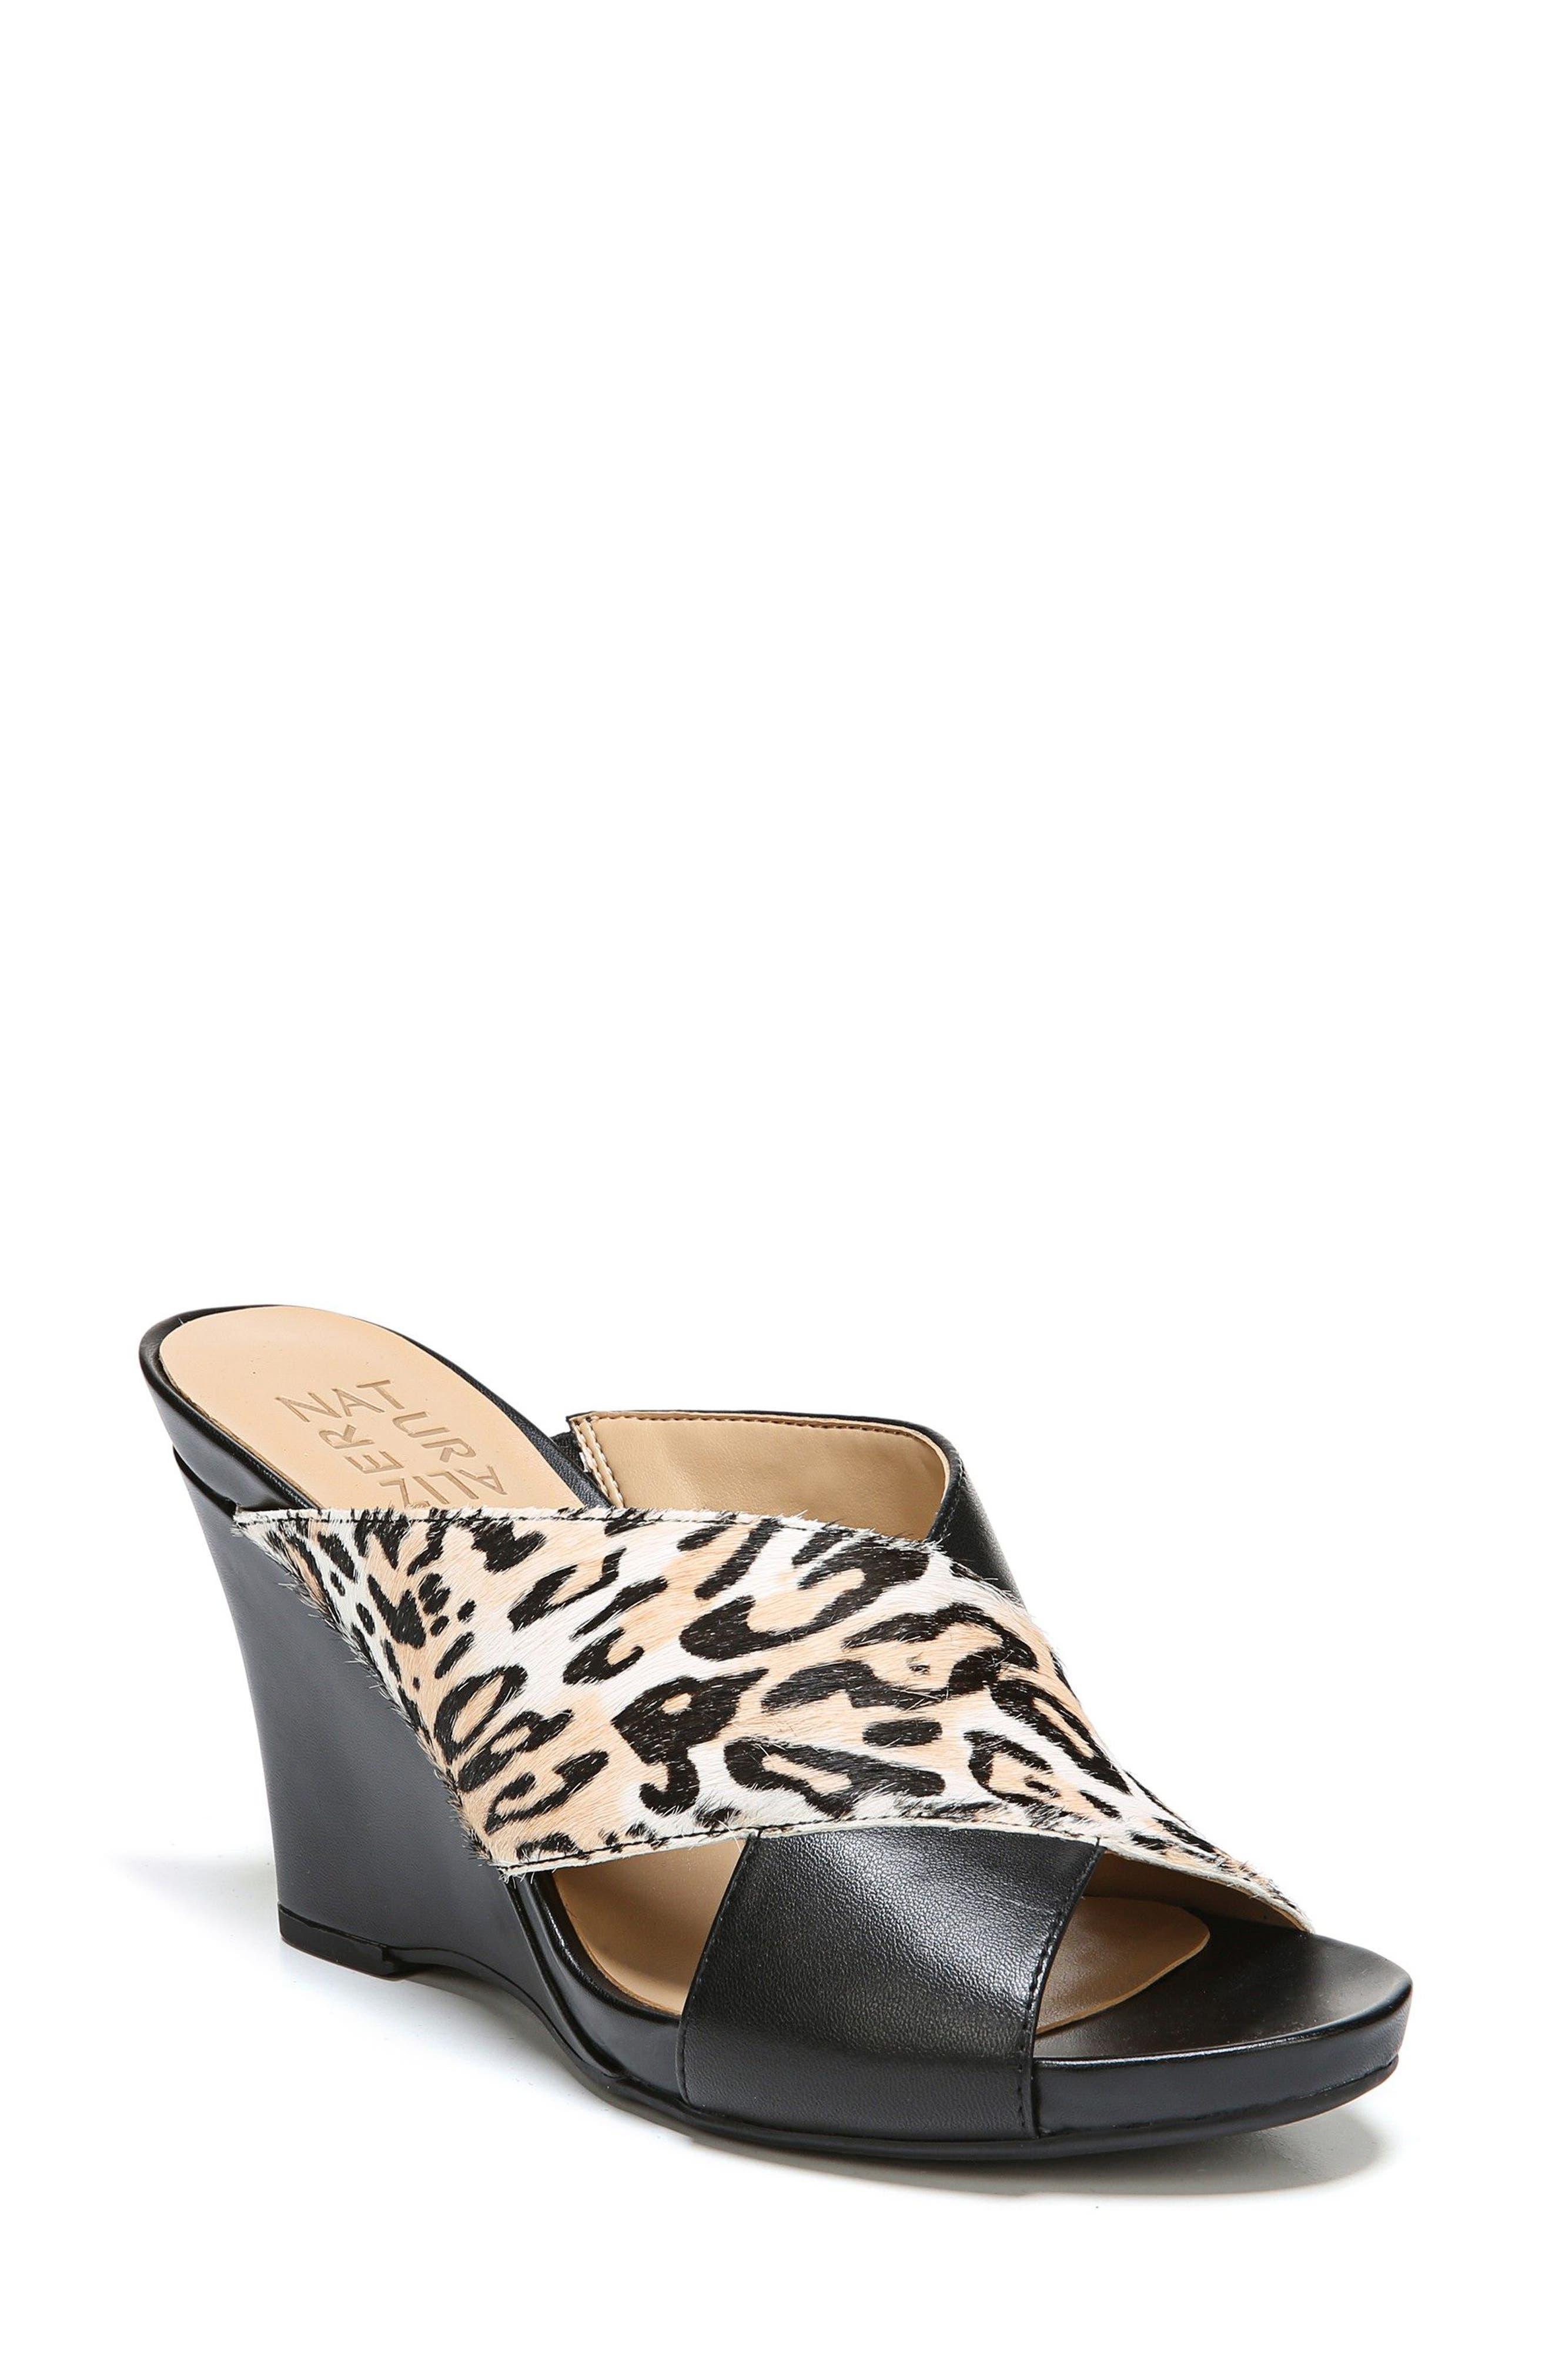 Bianca Wedge Mule,                         Main,                         color, Black Cheetah Leather